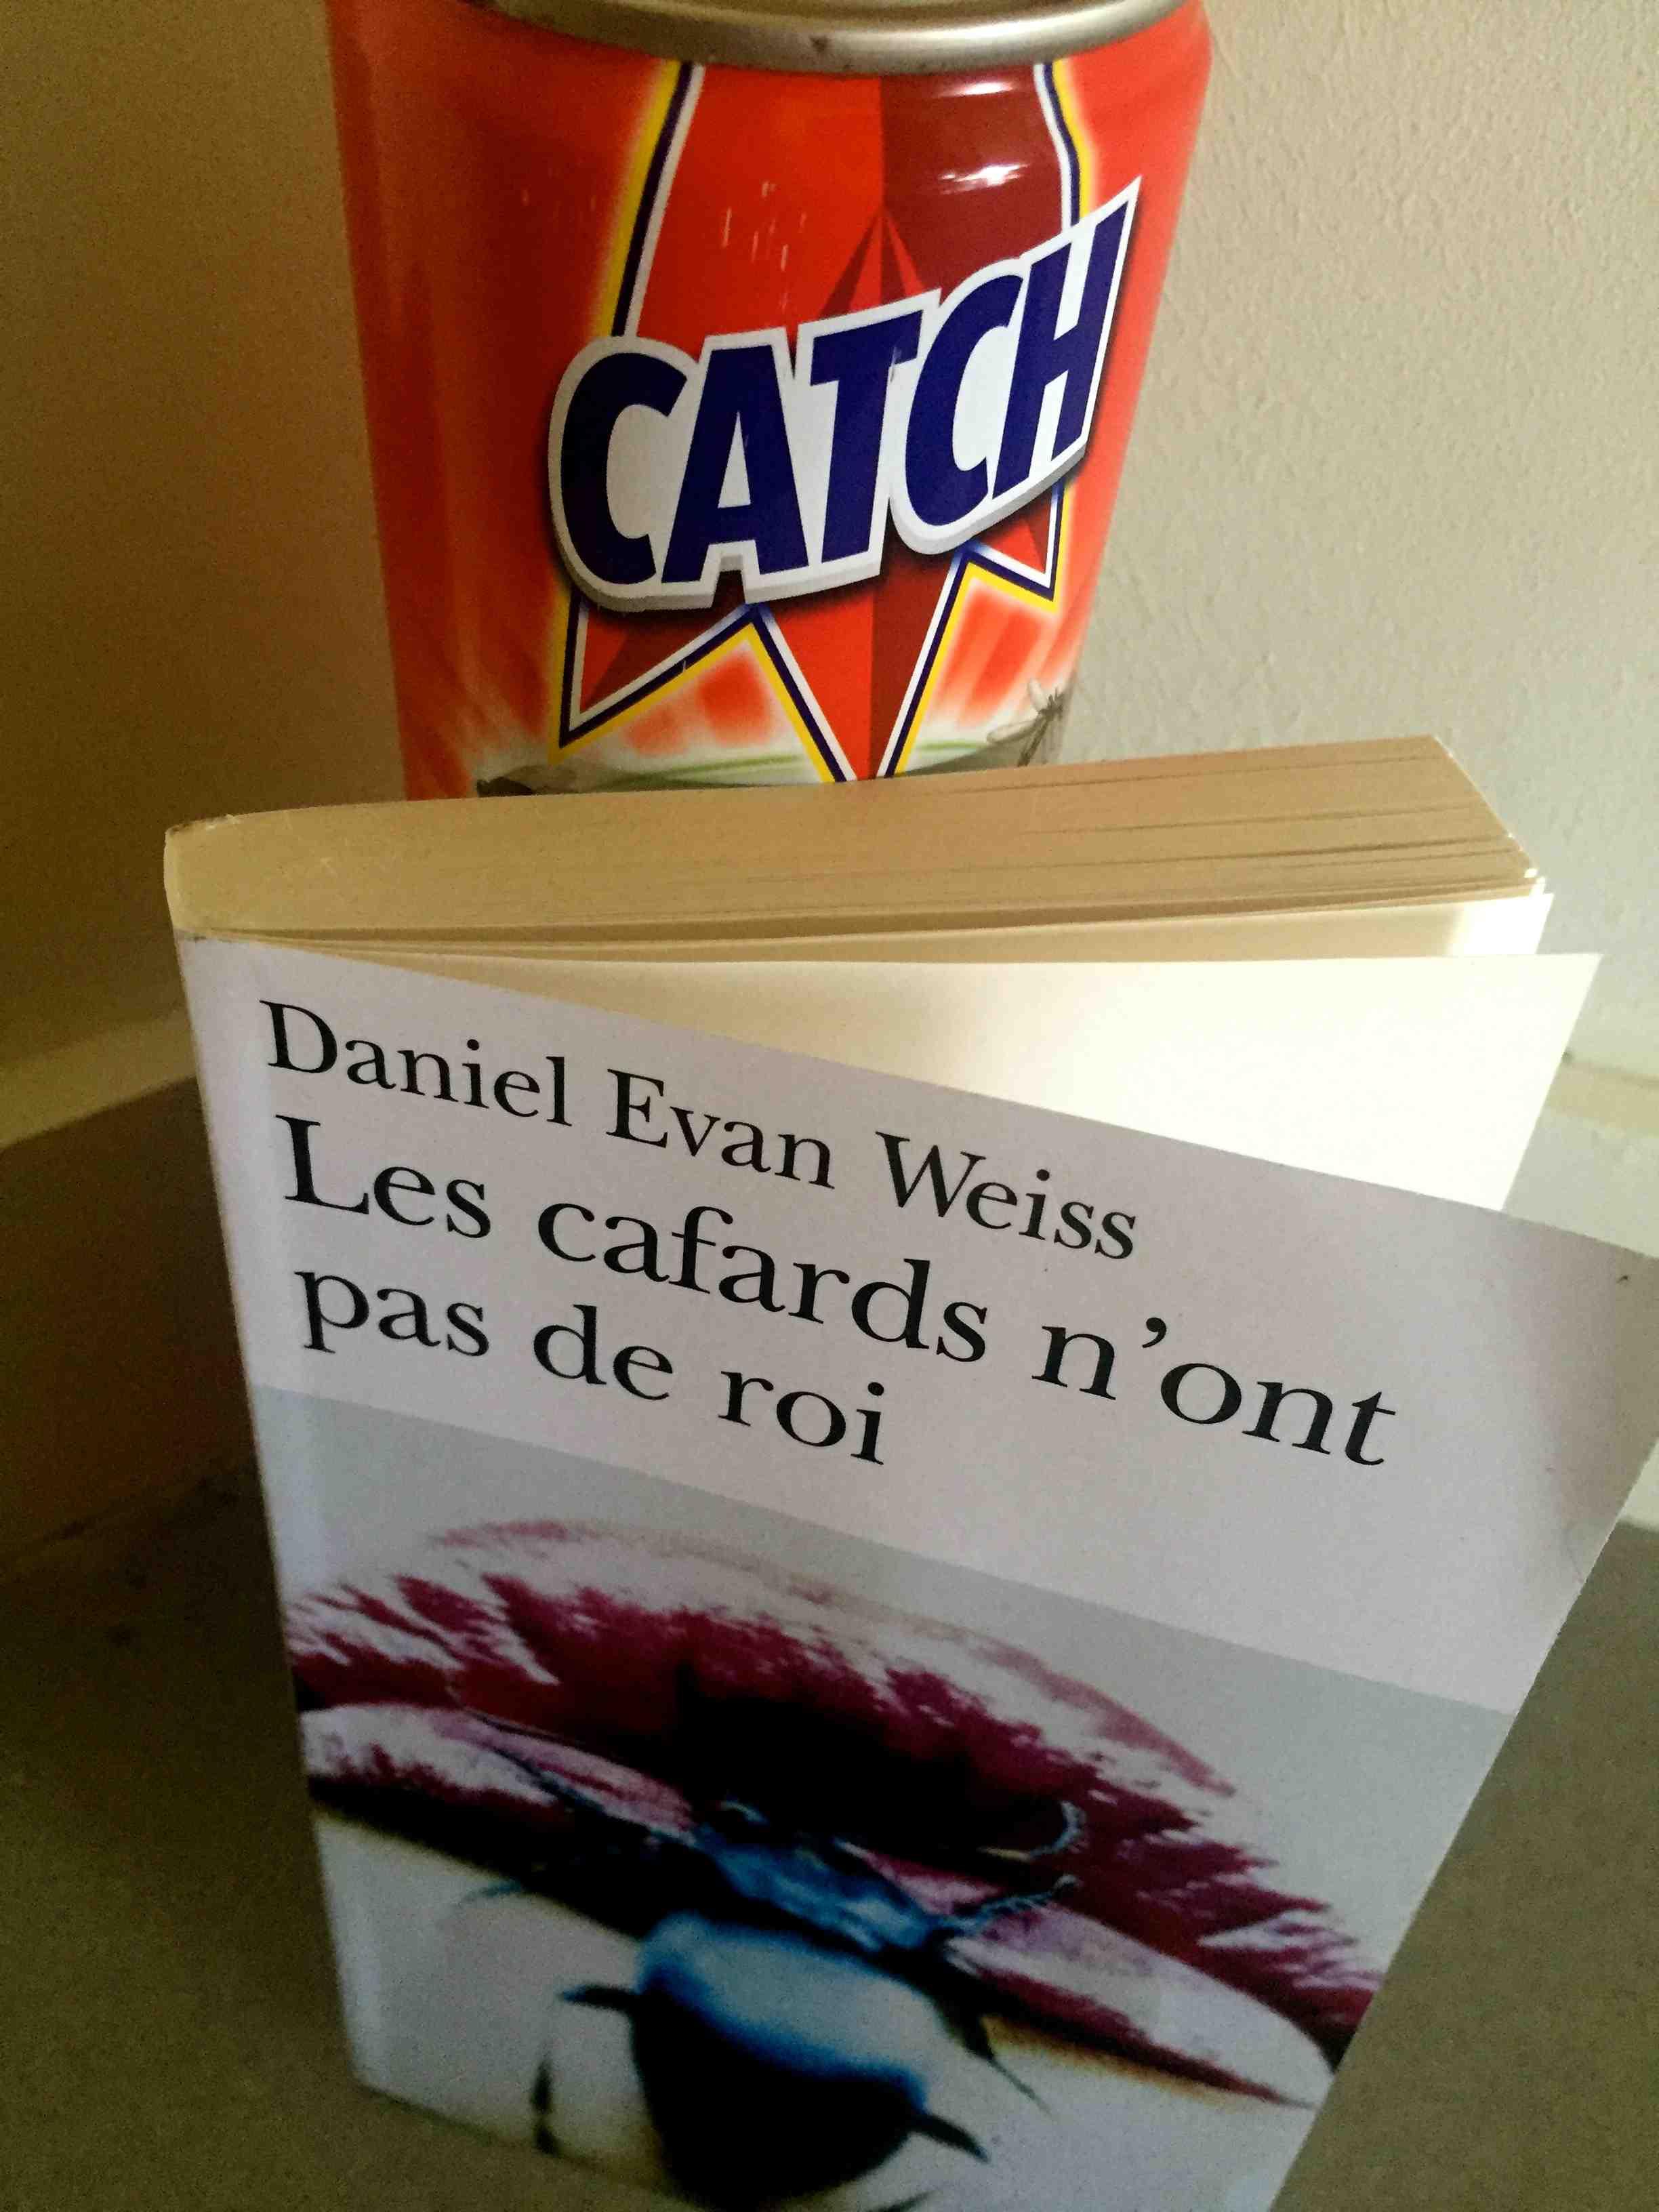 Daniel Evan Weiss